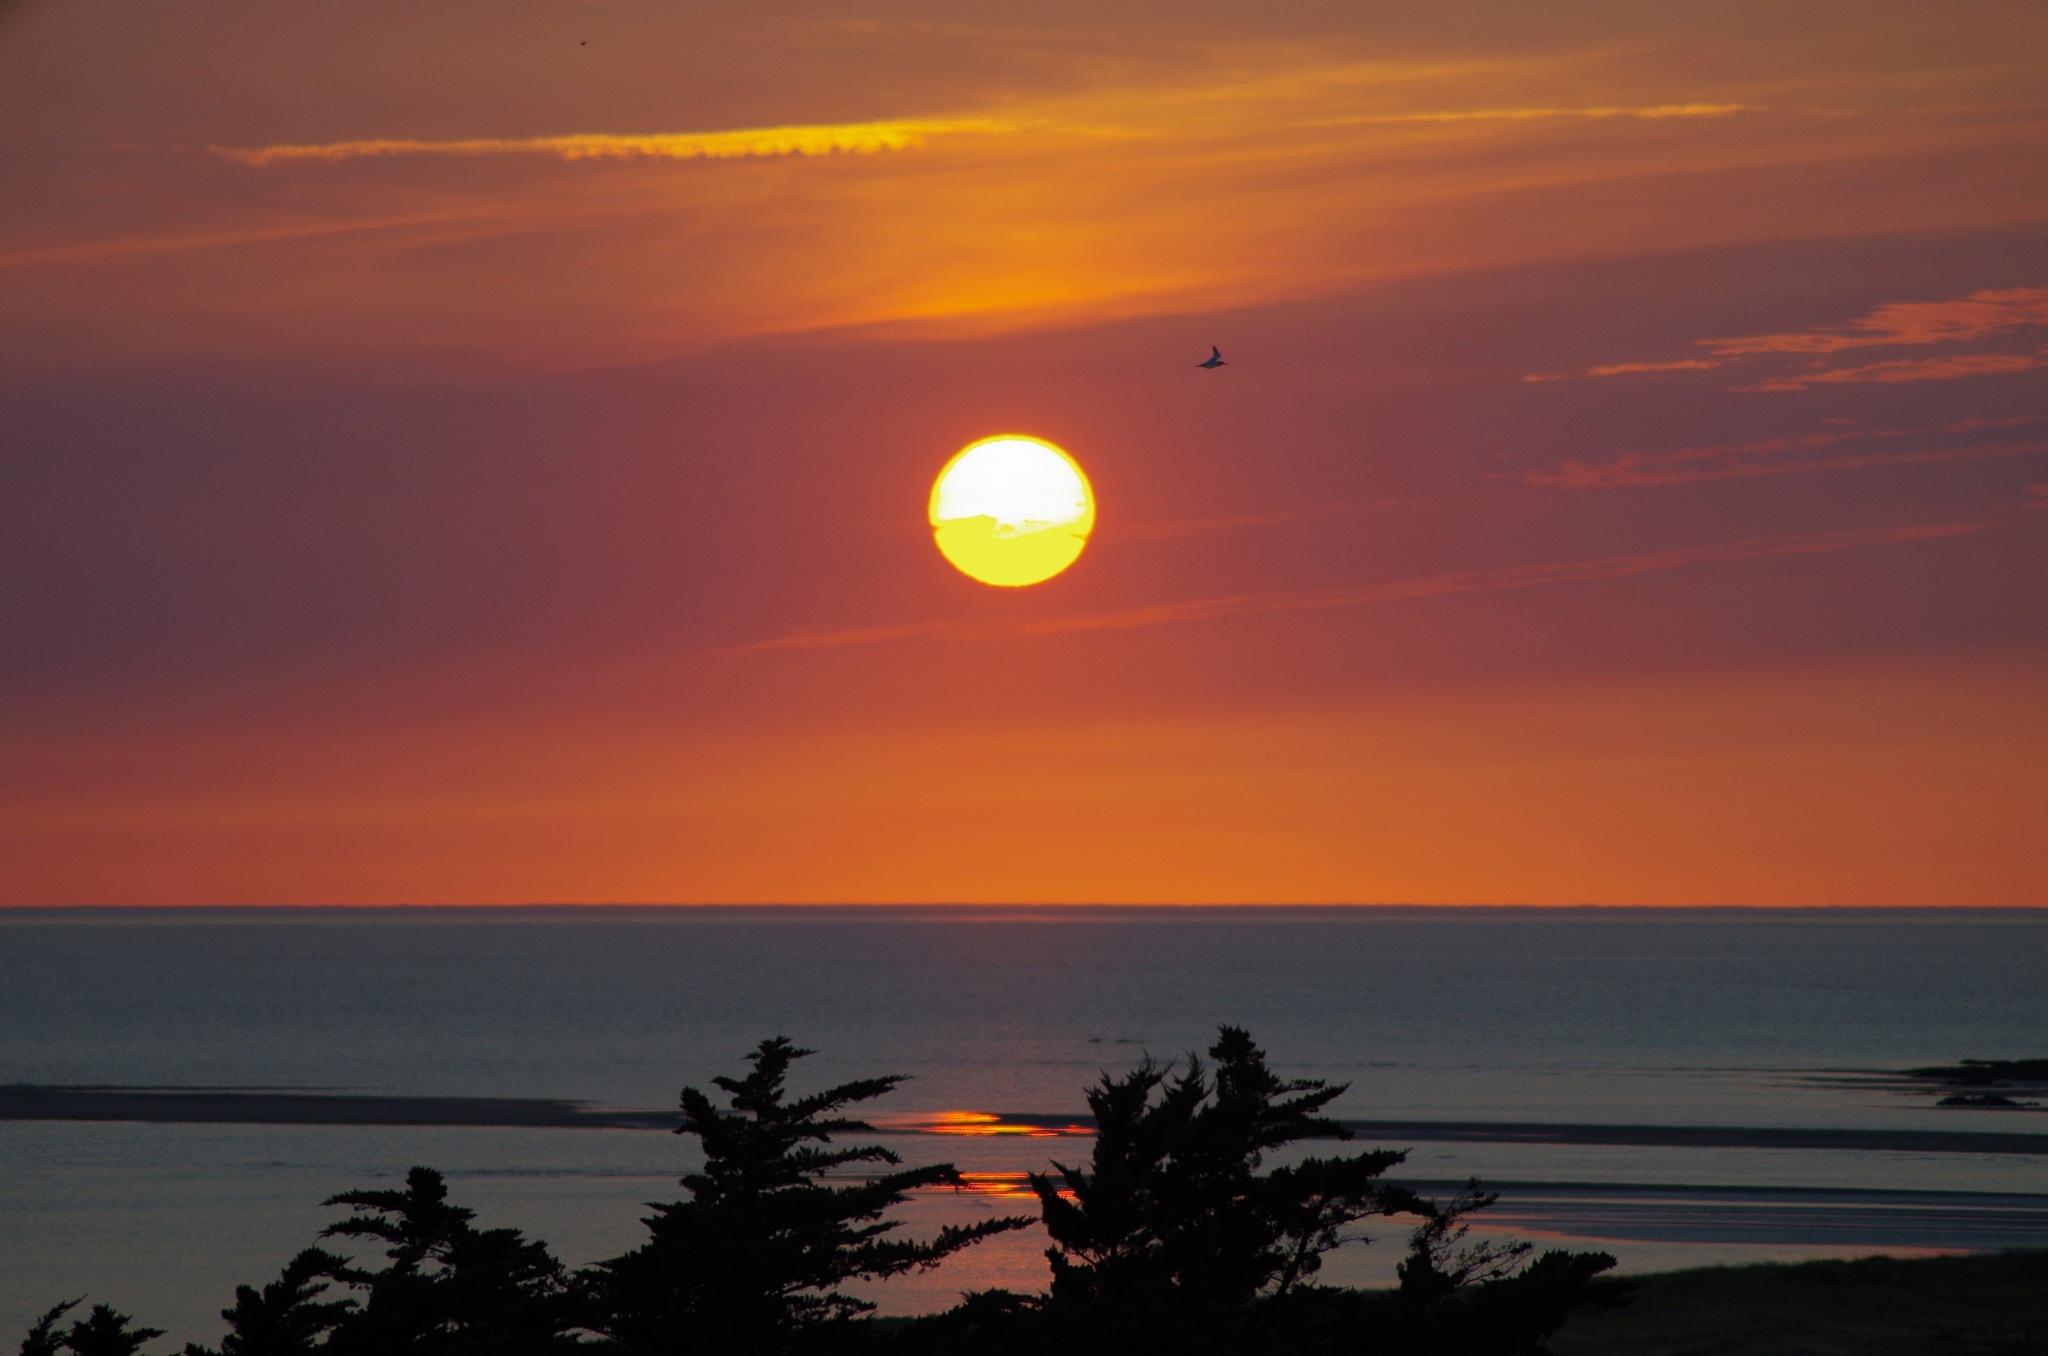 Coucher de soleil sur la plage  by Plume photo